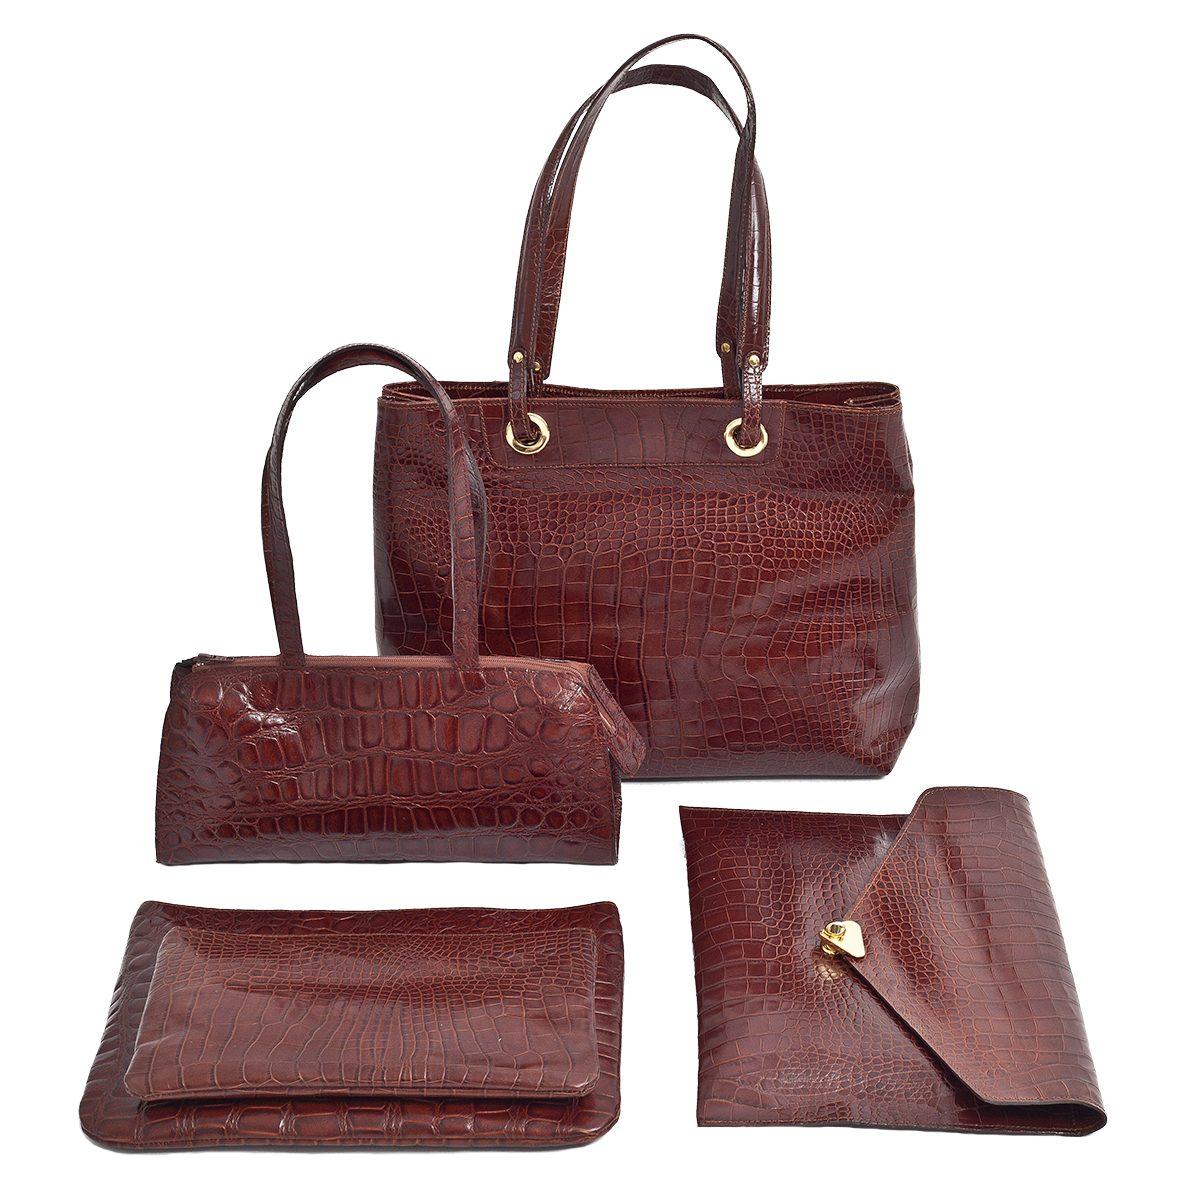 Sacs et pochettes cuir façon croco, de 49€ à 220€